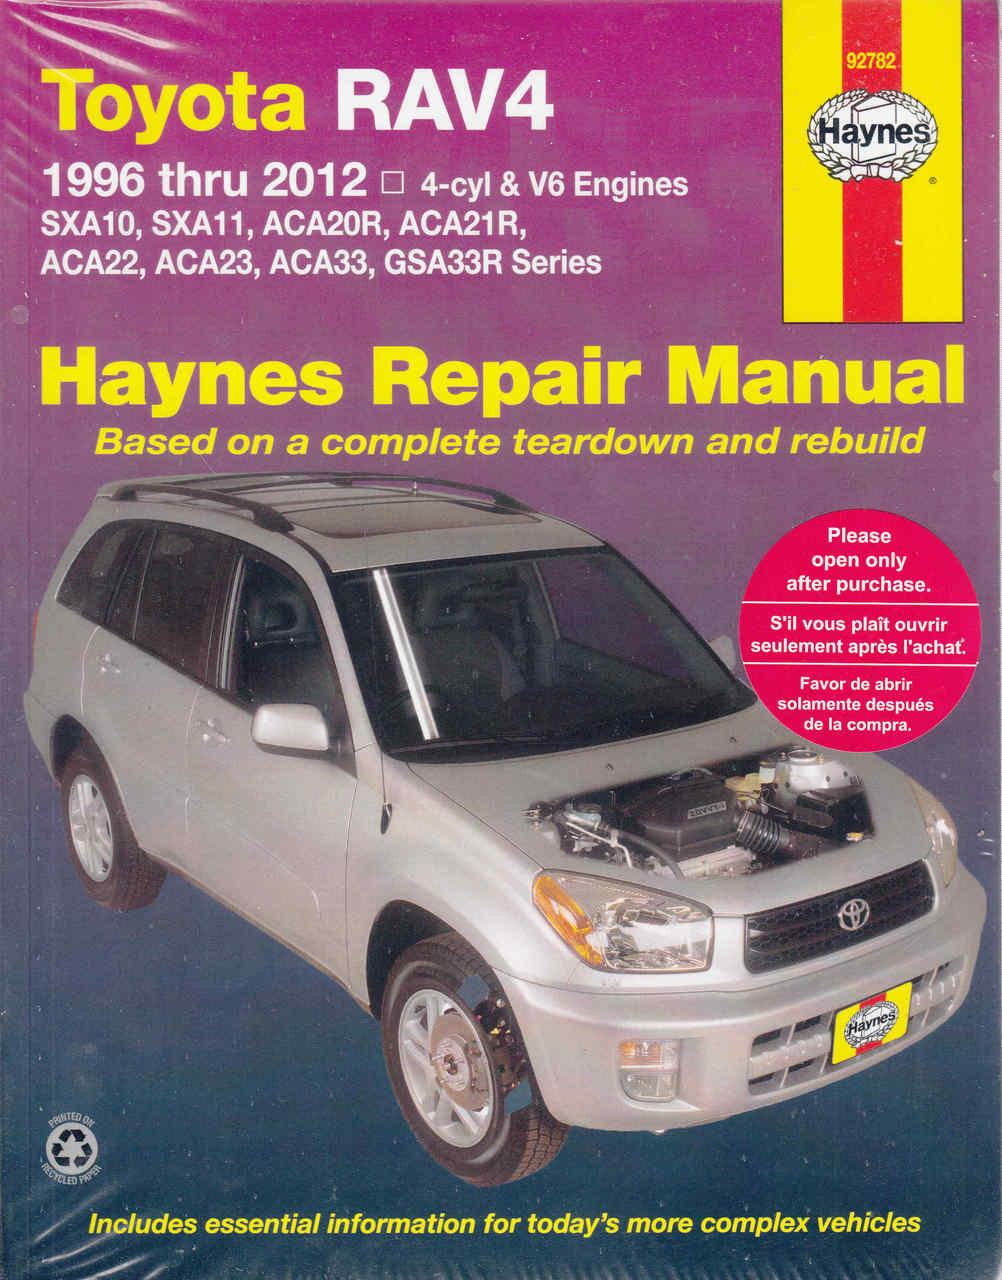 toyota rav4 1996 2012 workshop manual automoto bookshop rh automotobookshop com au BMW Workshop Manual Chamberlain Garage Door Opener Manual